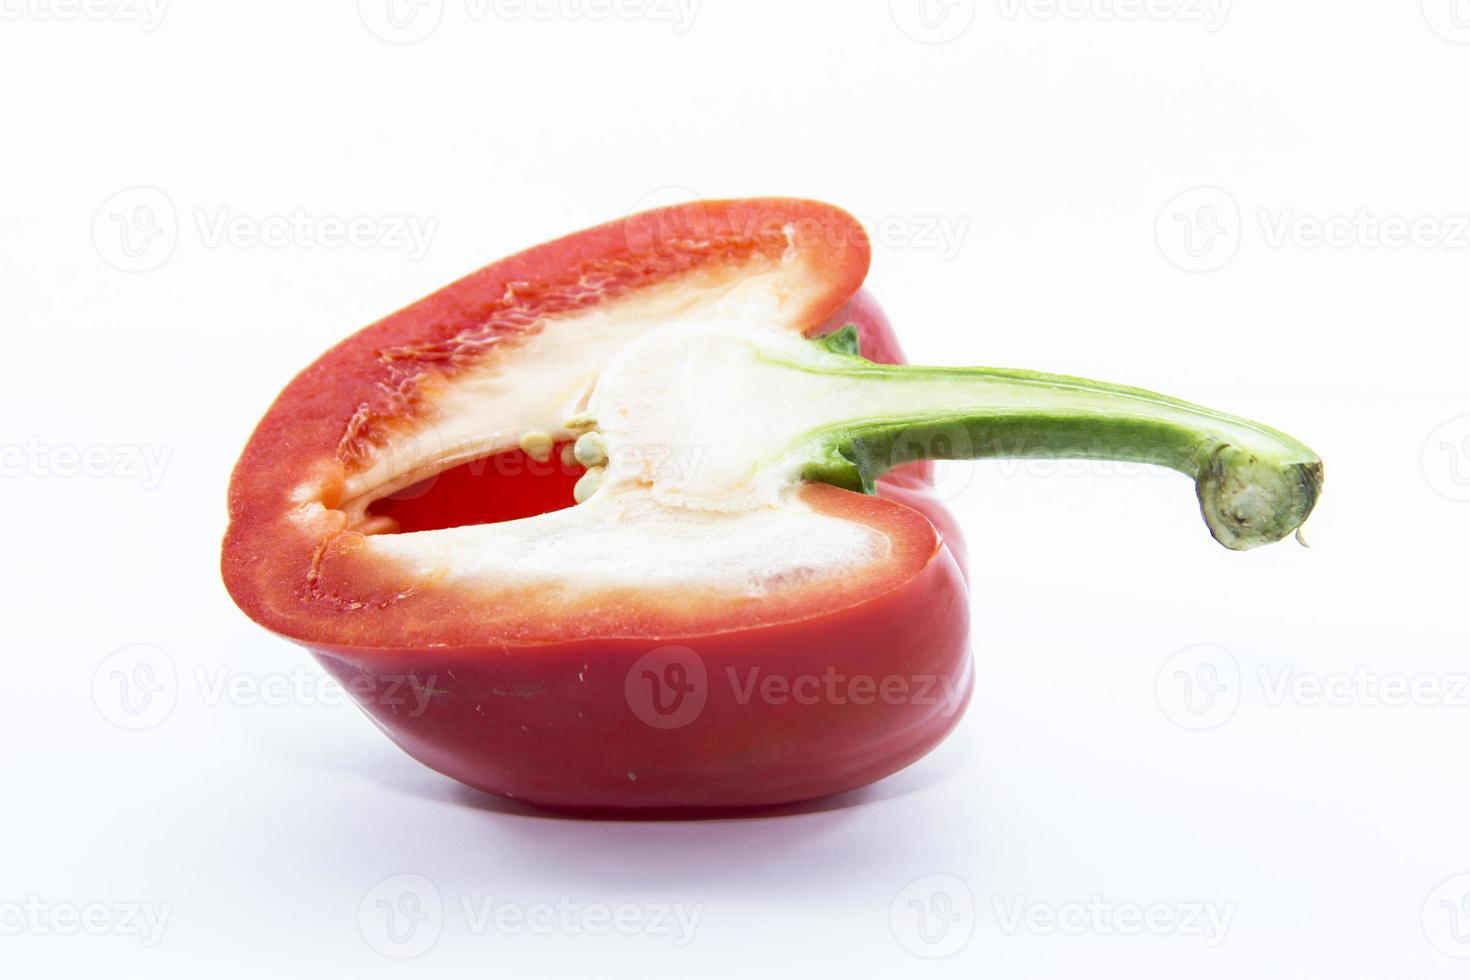 pittige rode bel chili kant gesneden foto